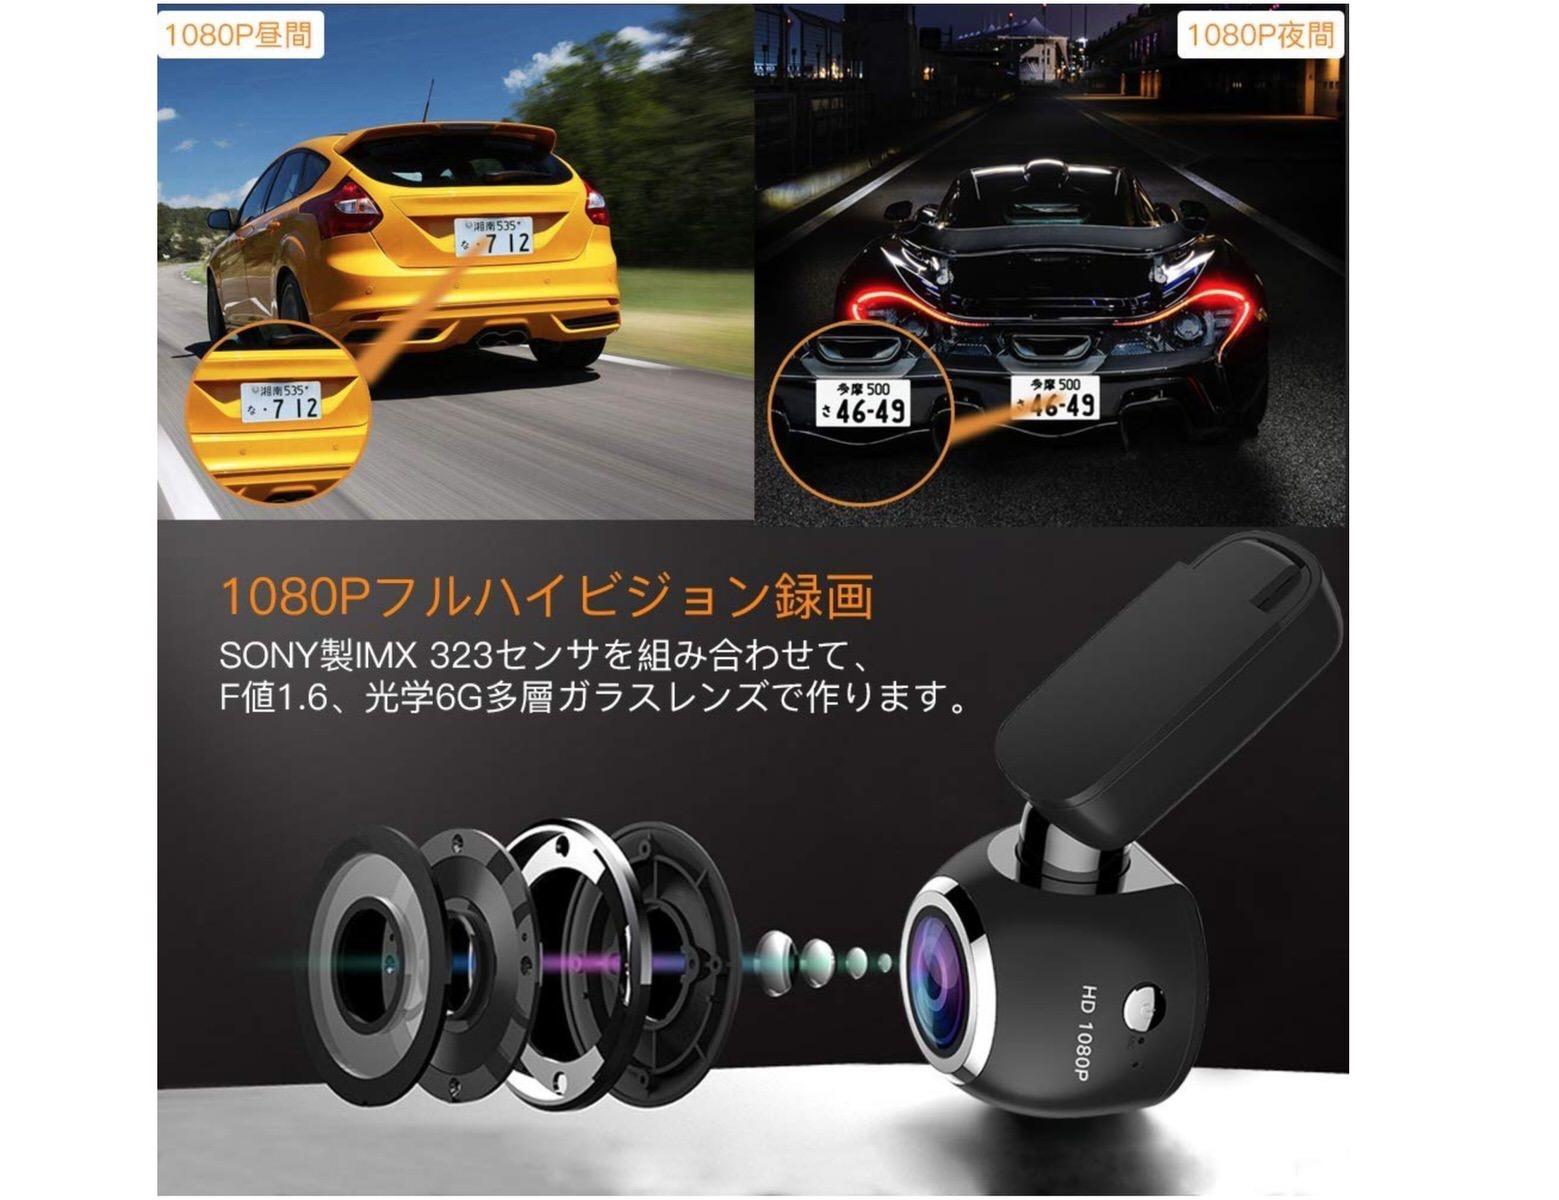 ドライブレコーダー WiFi【2018年最新版】HQBKiNG WiFi ドラレコ 1080PフルHD SONYセンサー搭載 高画質 ミニ 小型車載カメラ-3